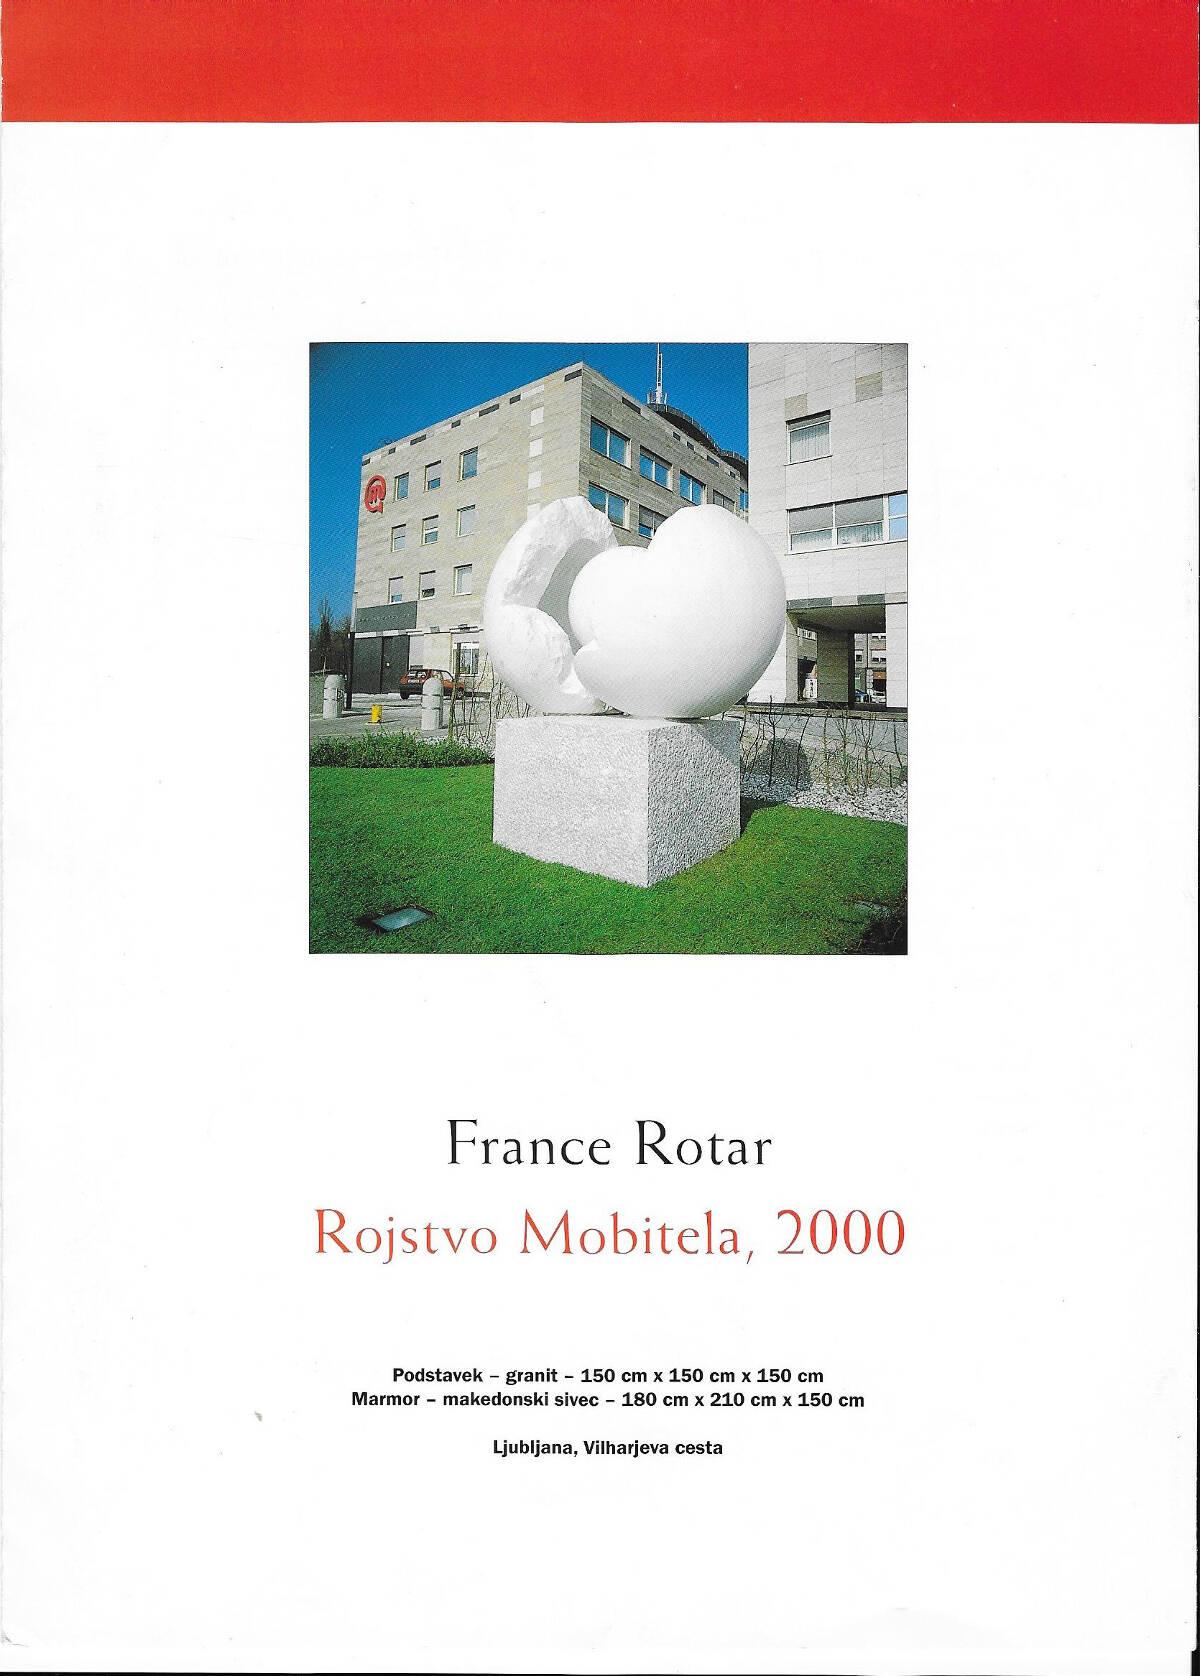 France Rotar Rojstvo Mobitela 2000